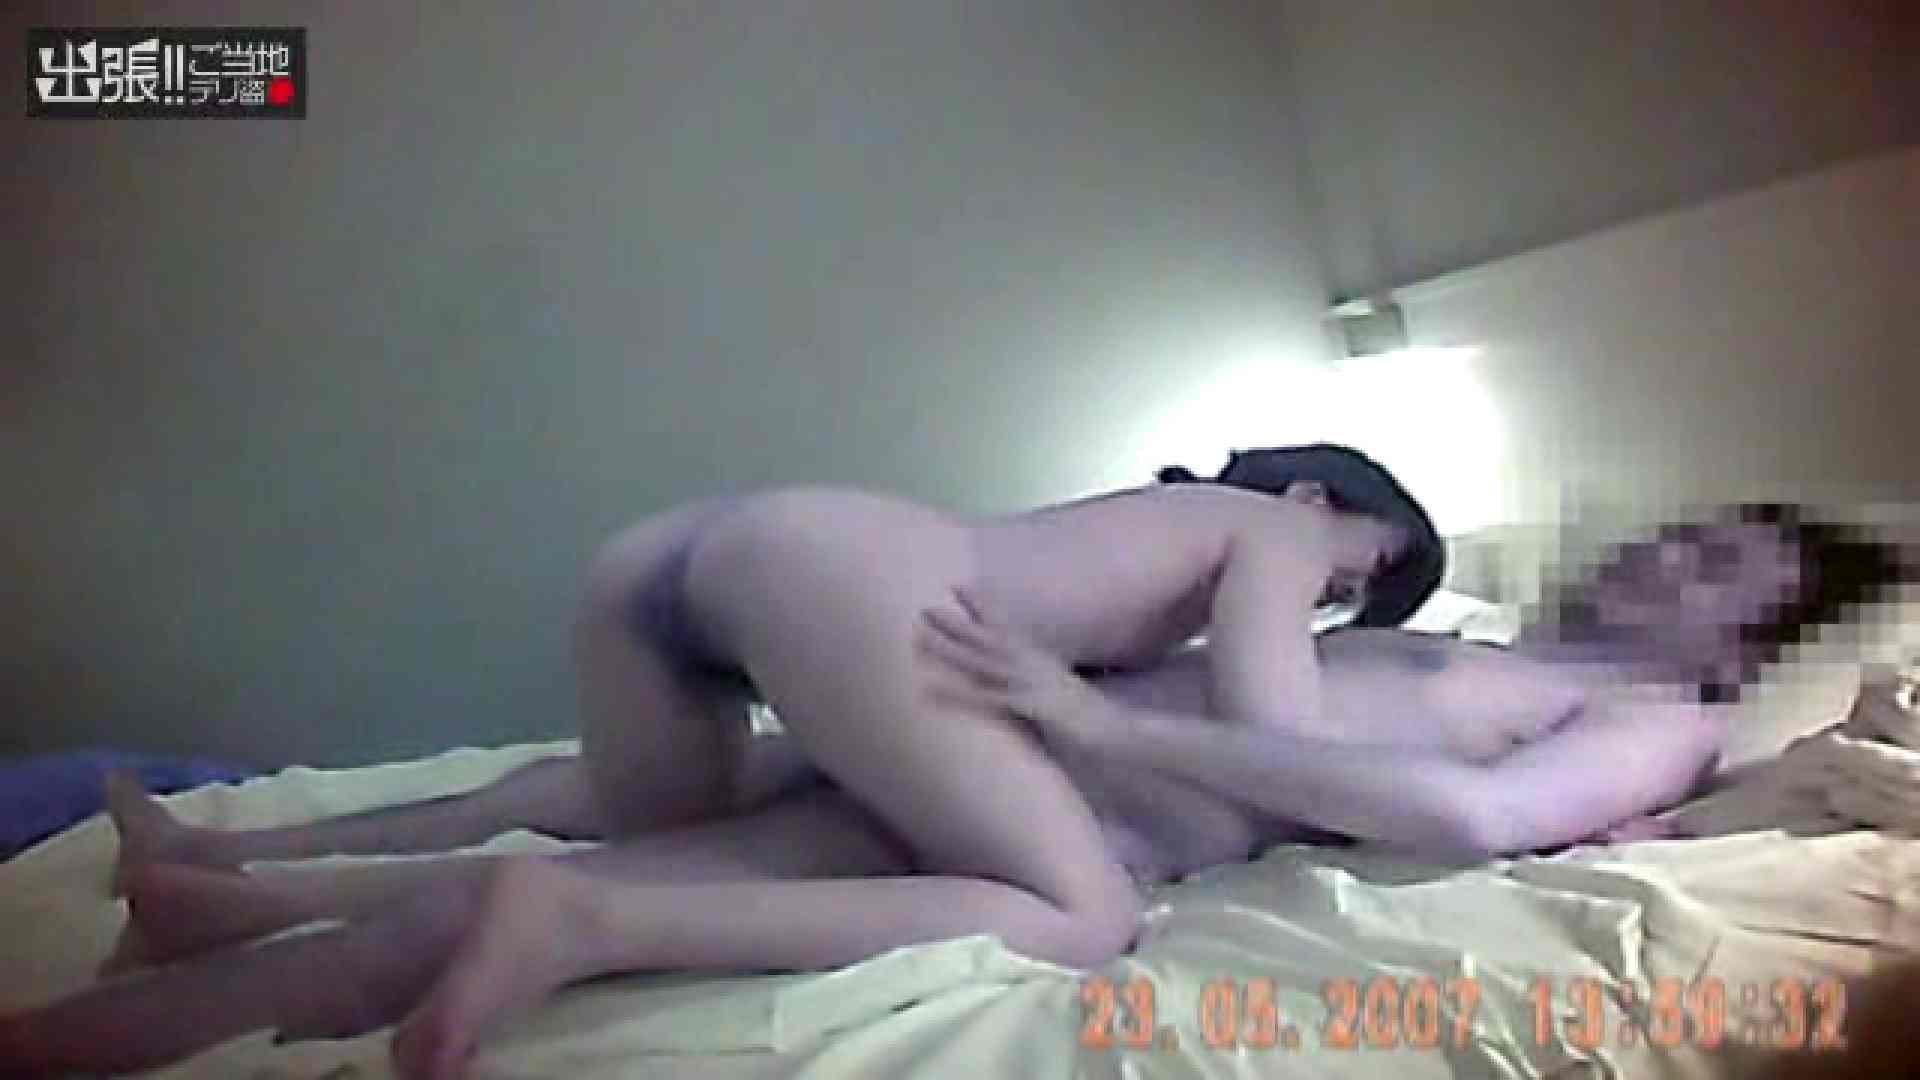 出張リーマンのデリ嬢隠し撮り第3弾vol.4 隠撮 戯れ無修正画像 111pic 59